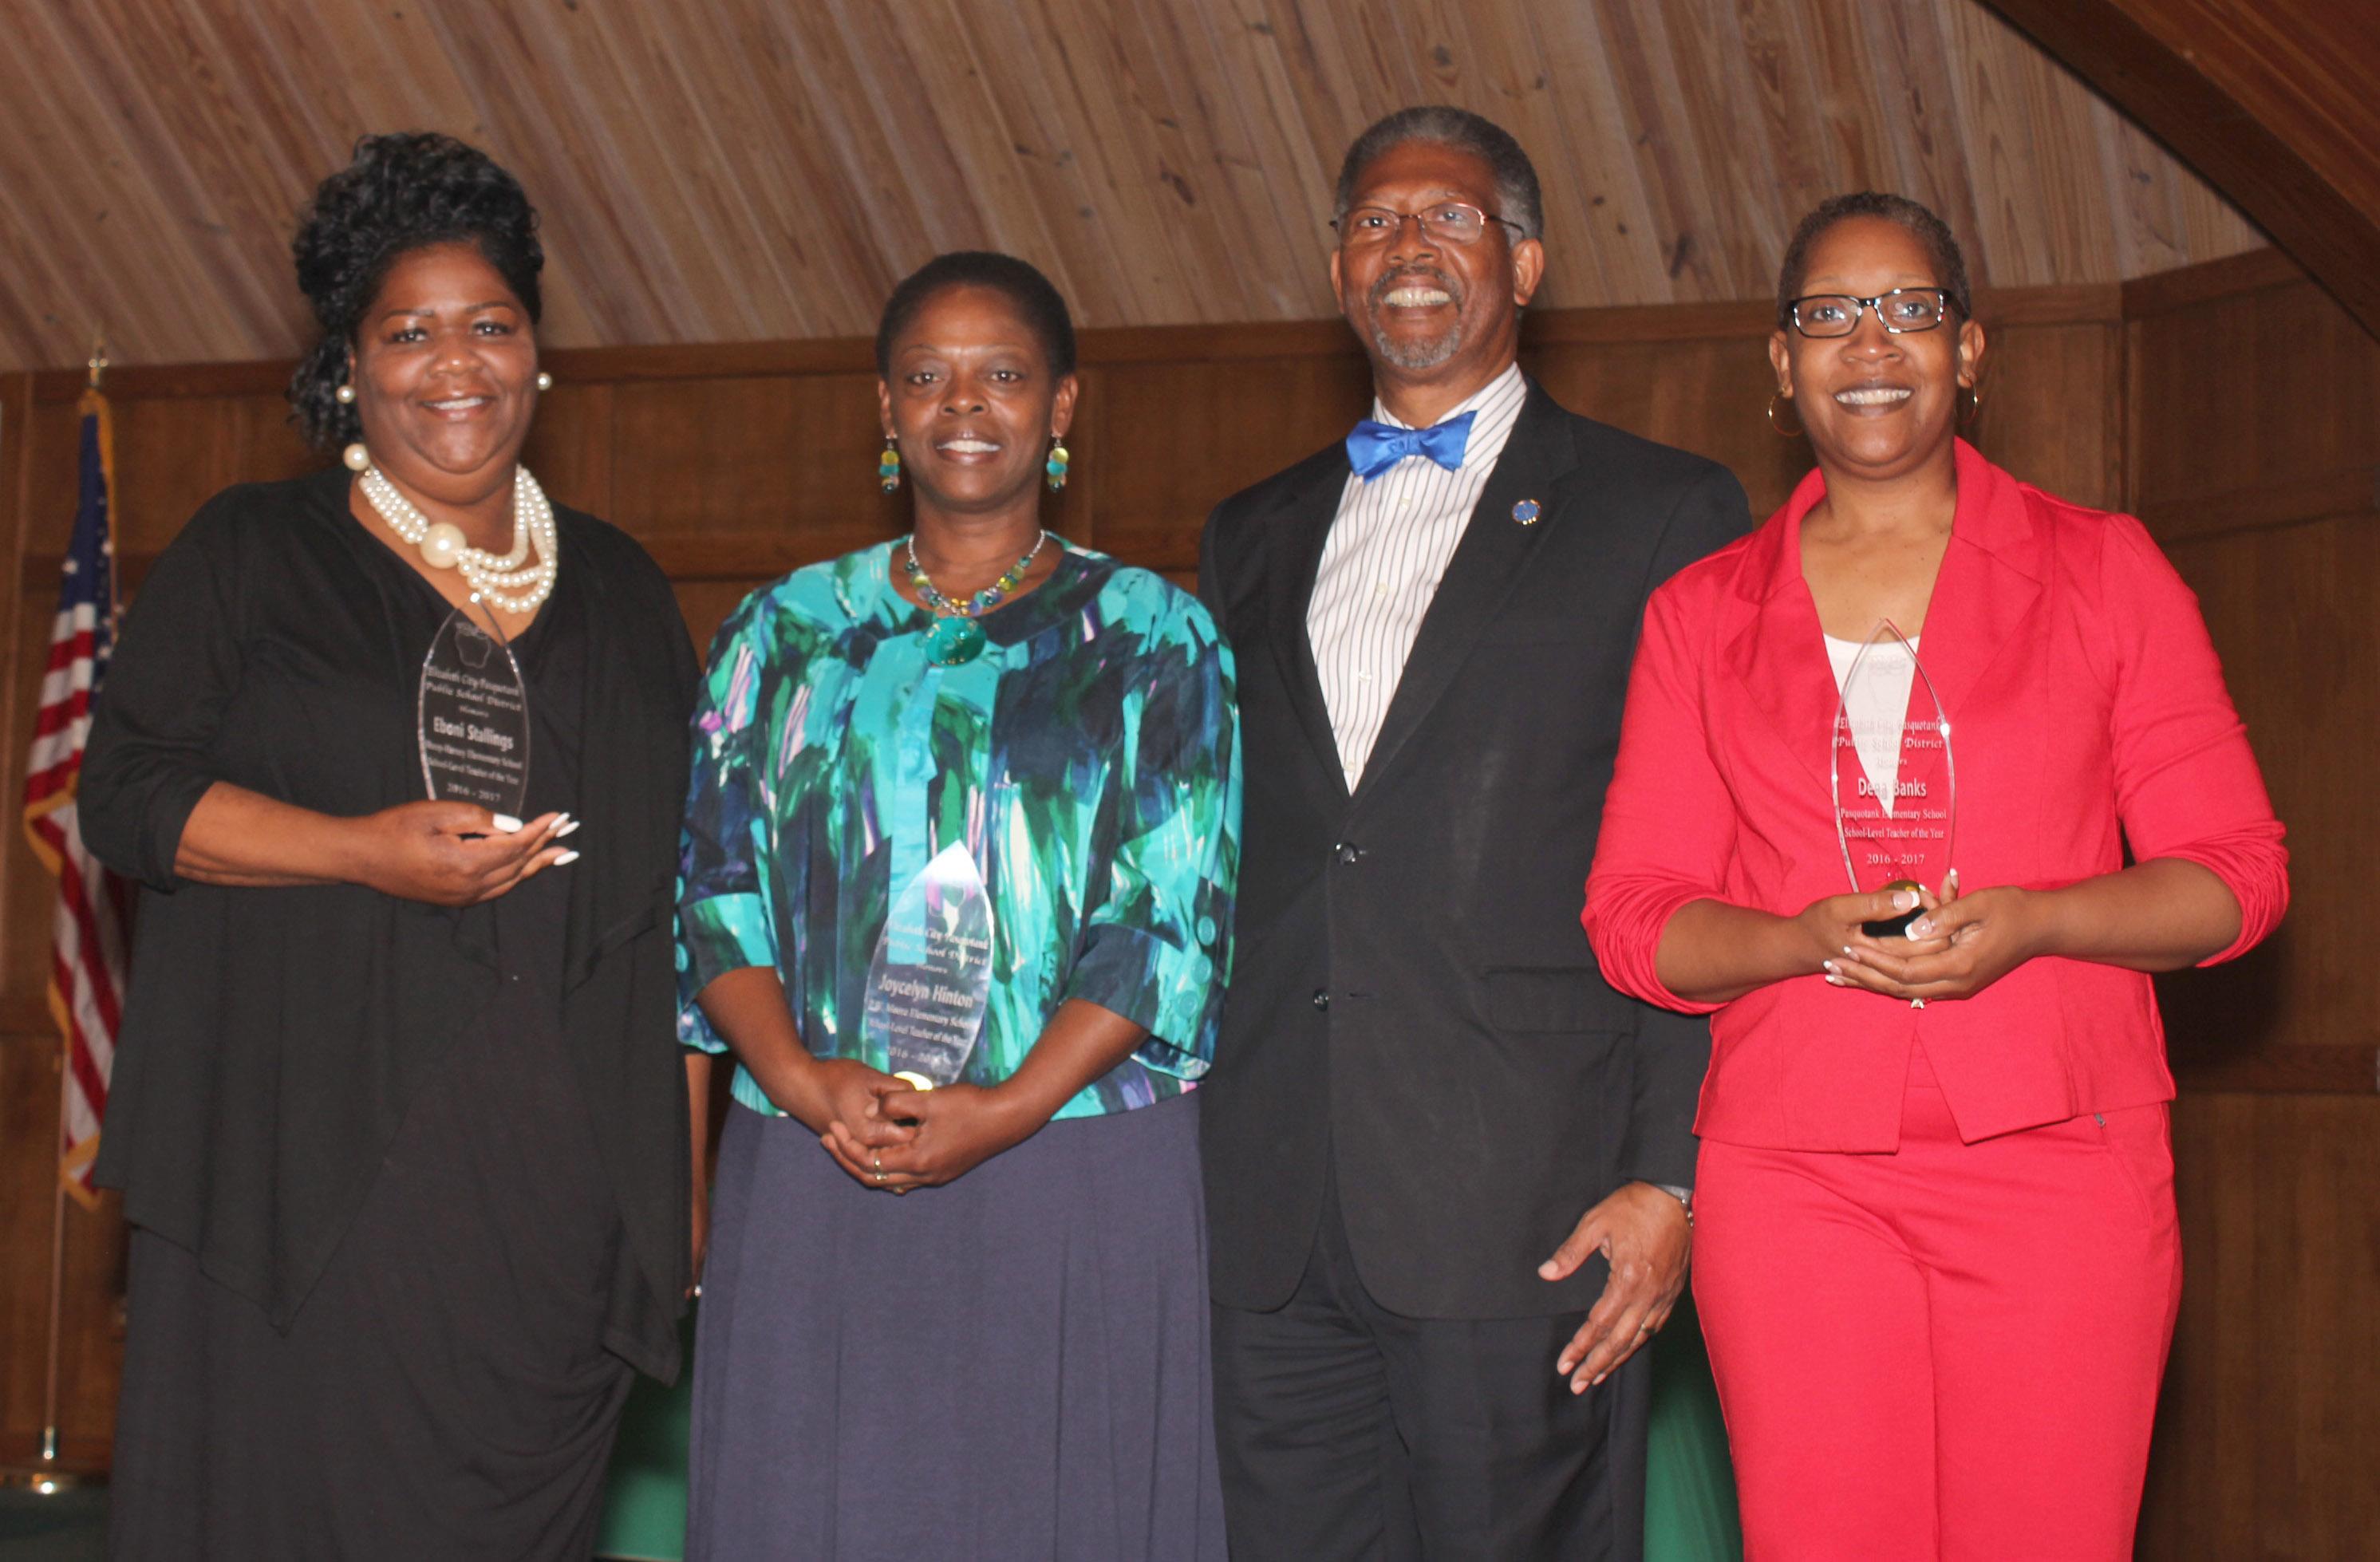 Alumni teachers of the year